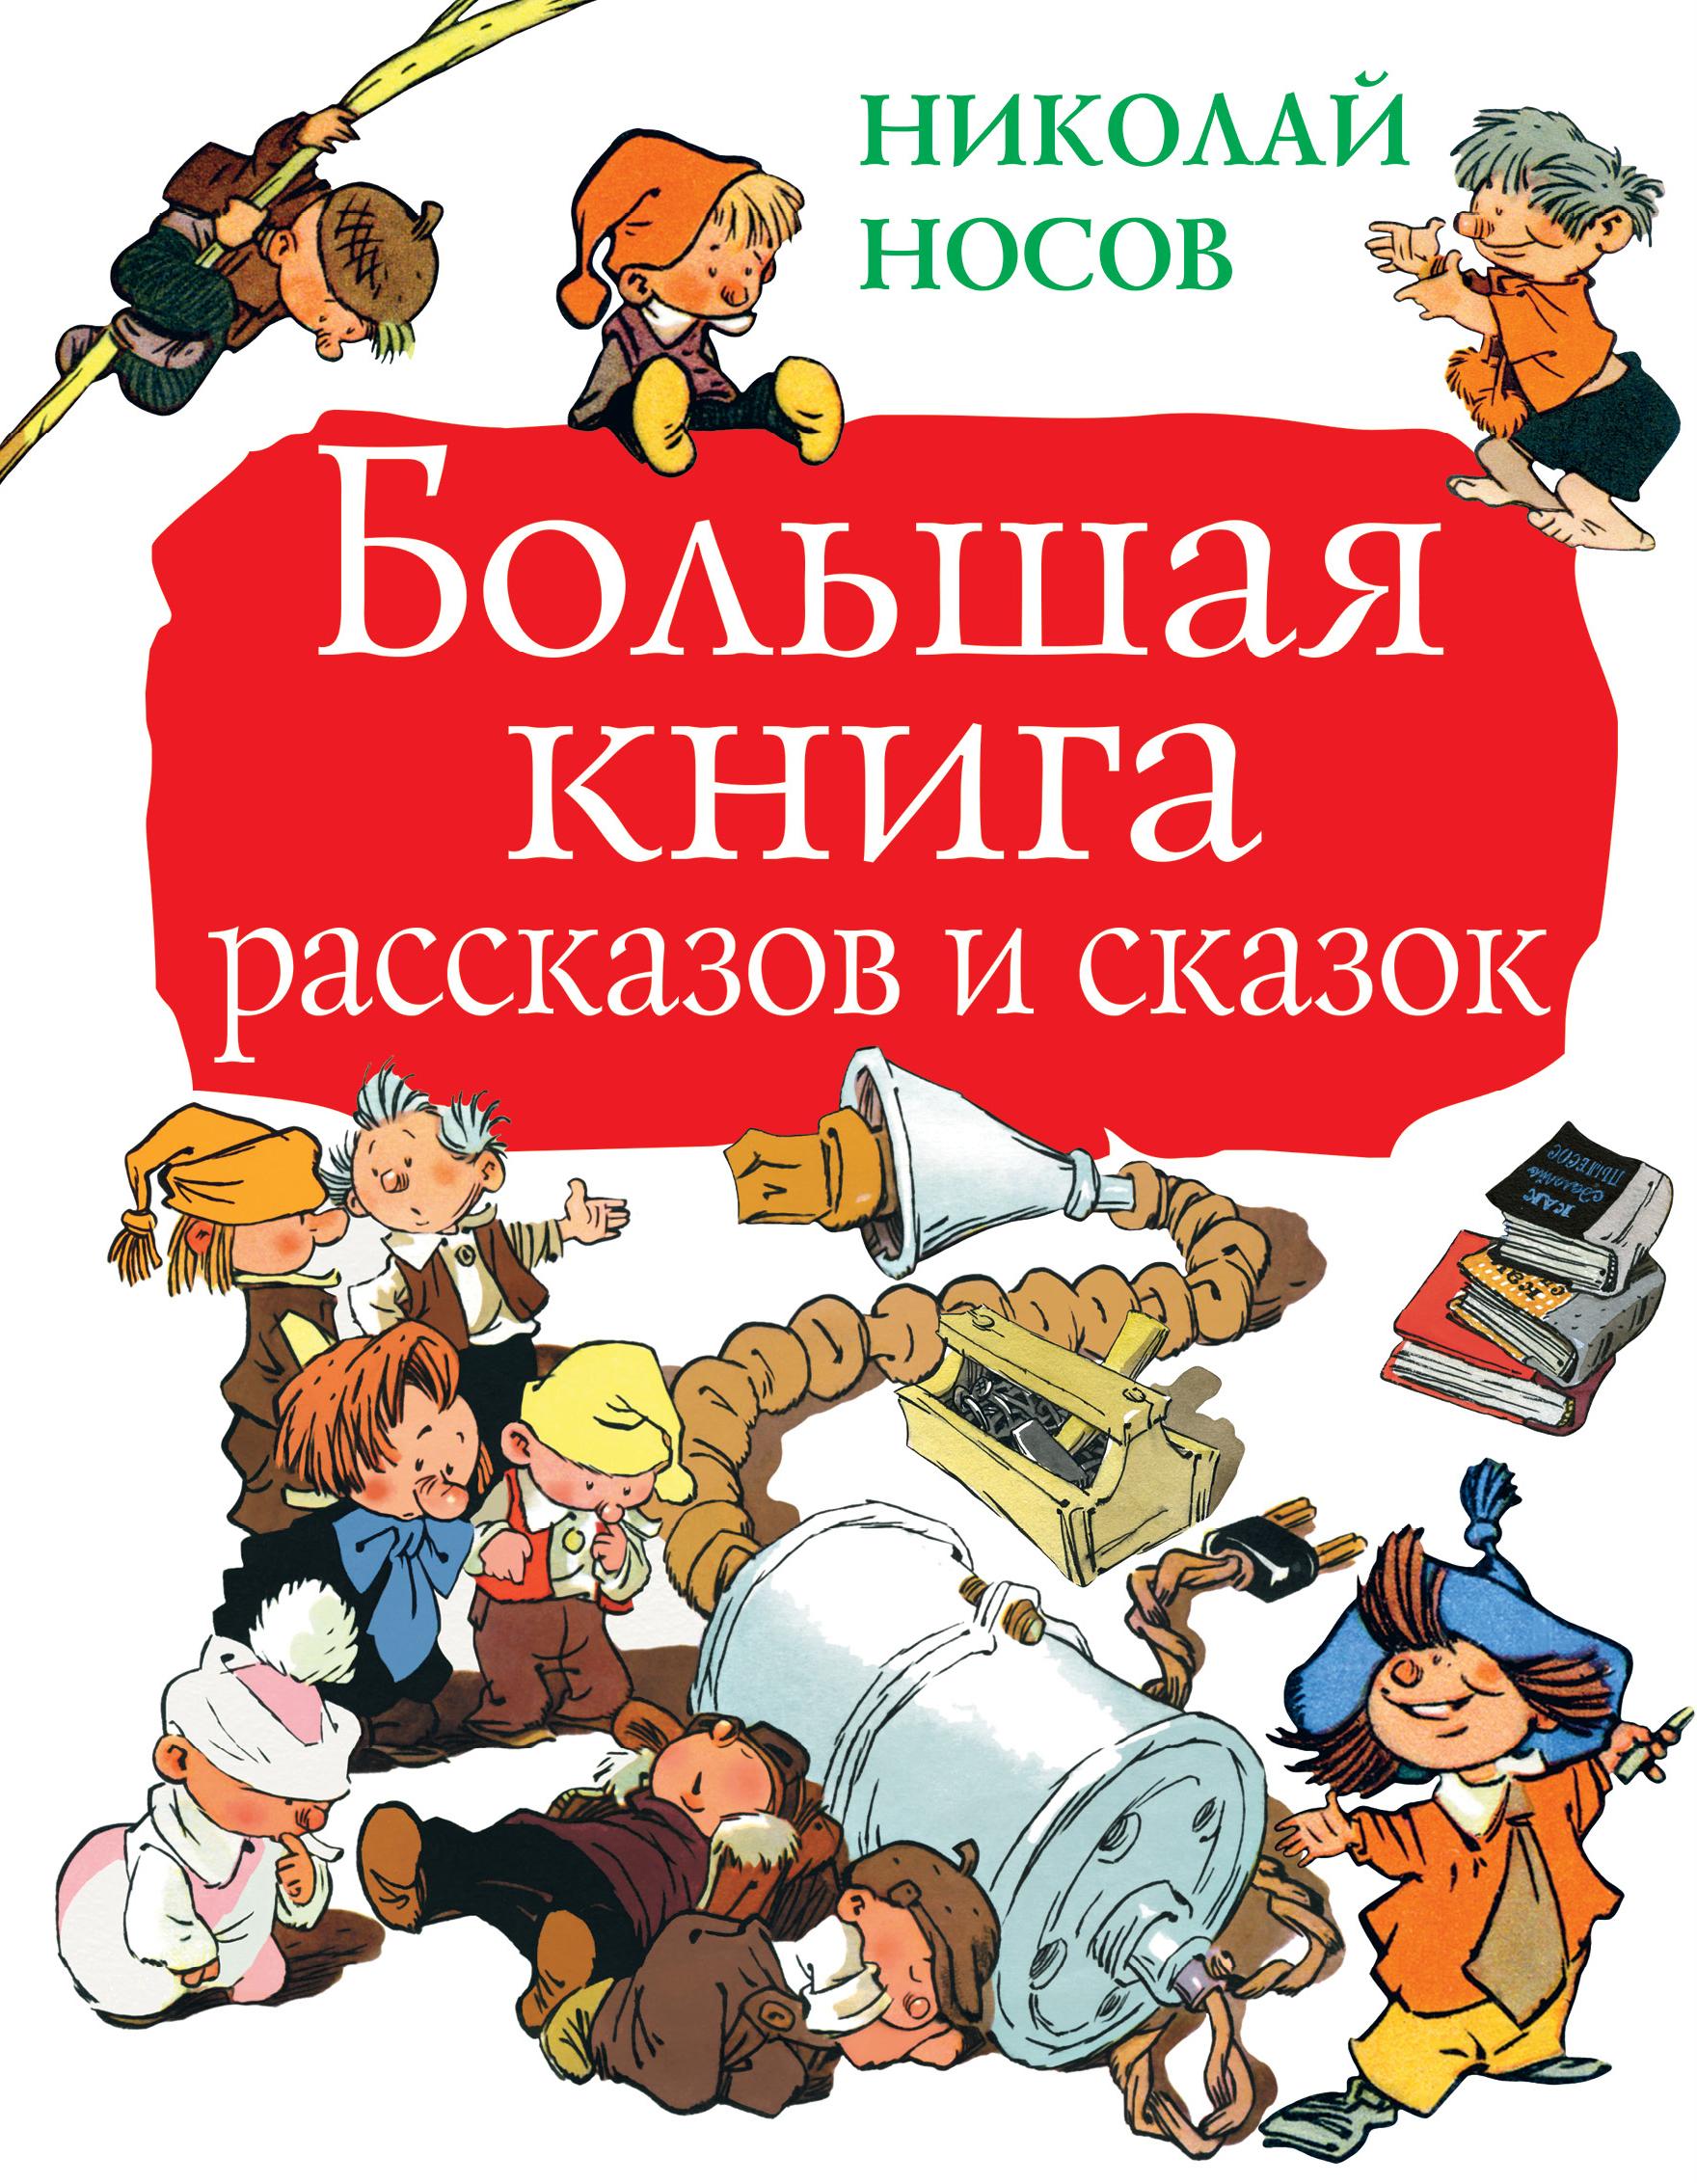 Фото - Н. Носов Большая книга рассказов и сказок носов н весёлые истории